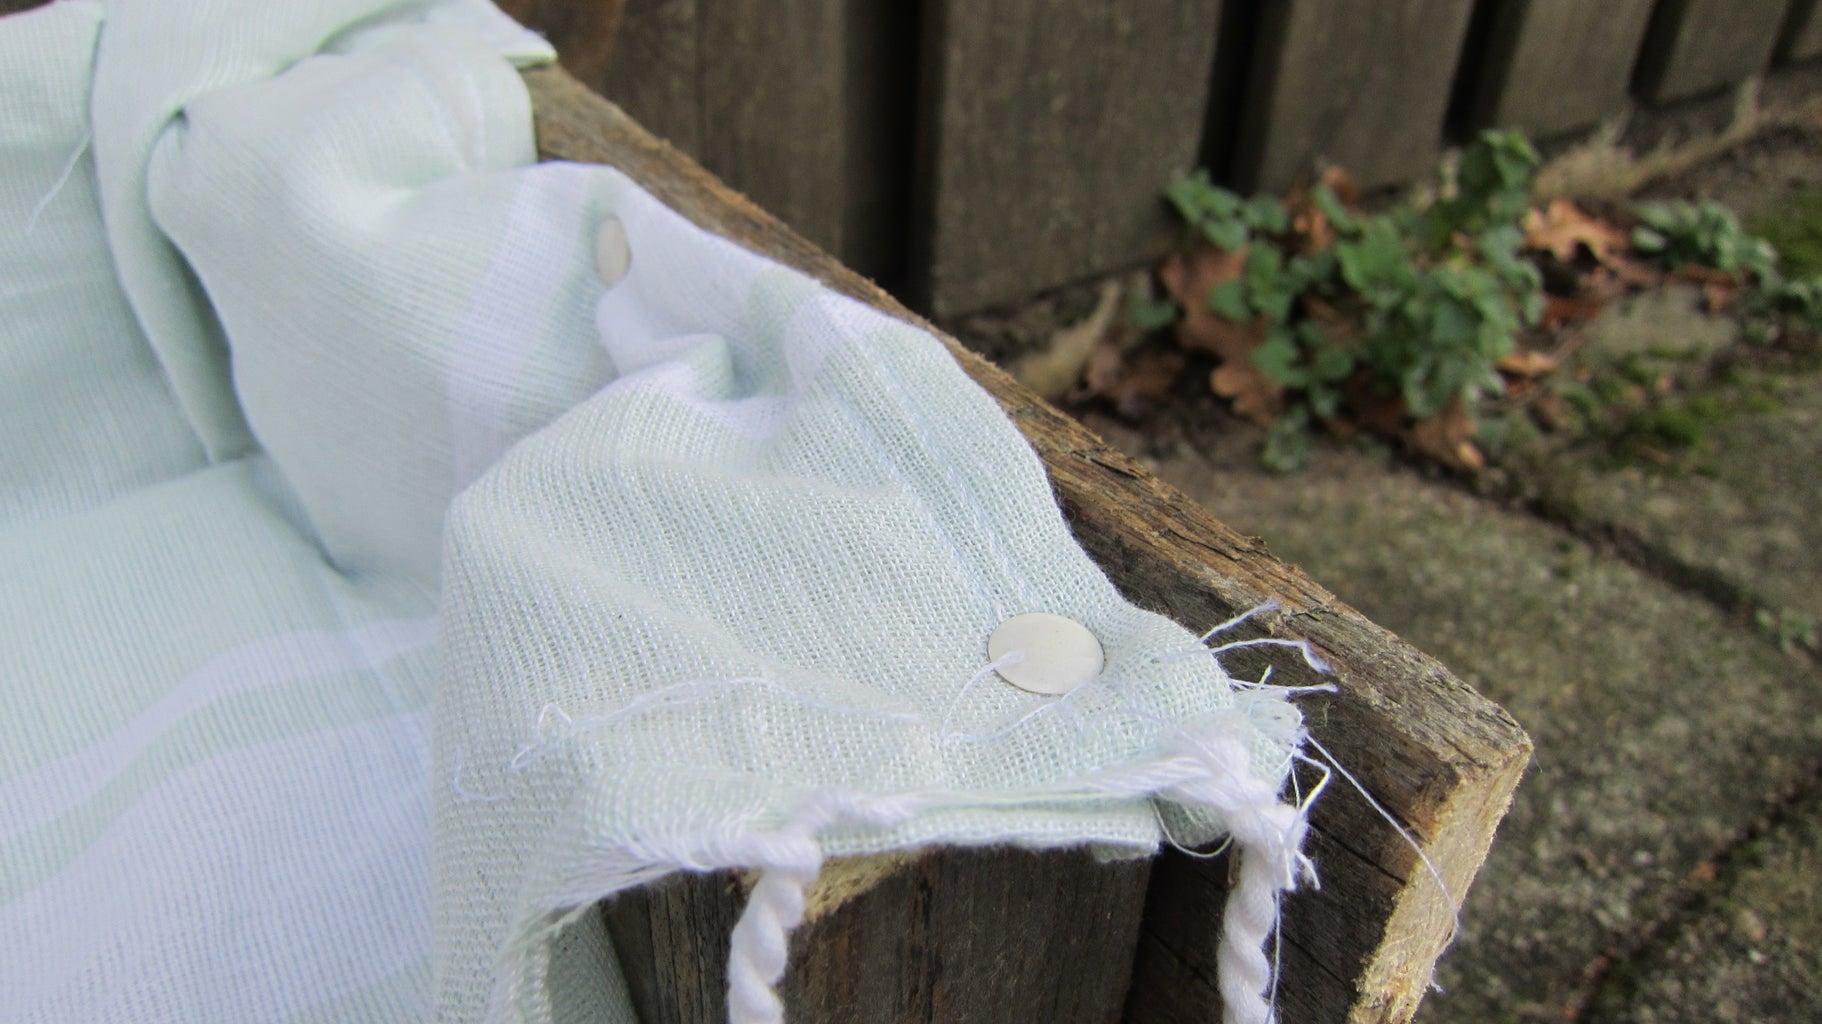 The Soft Cloth